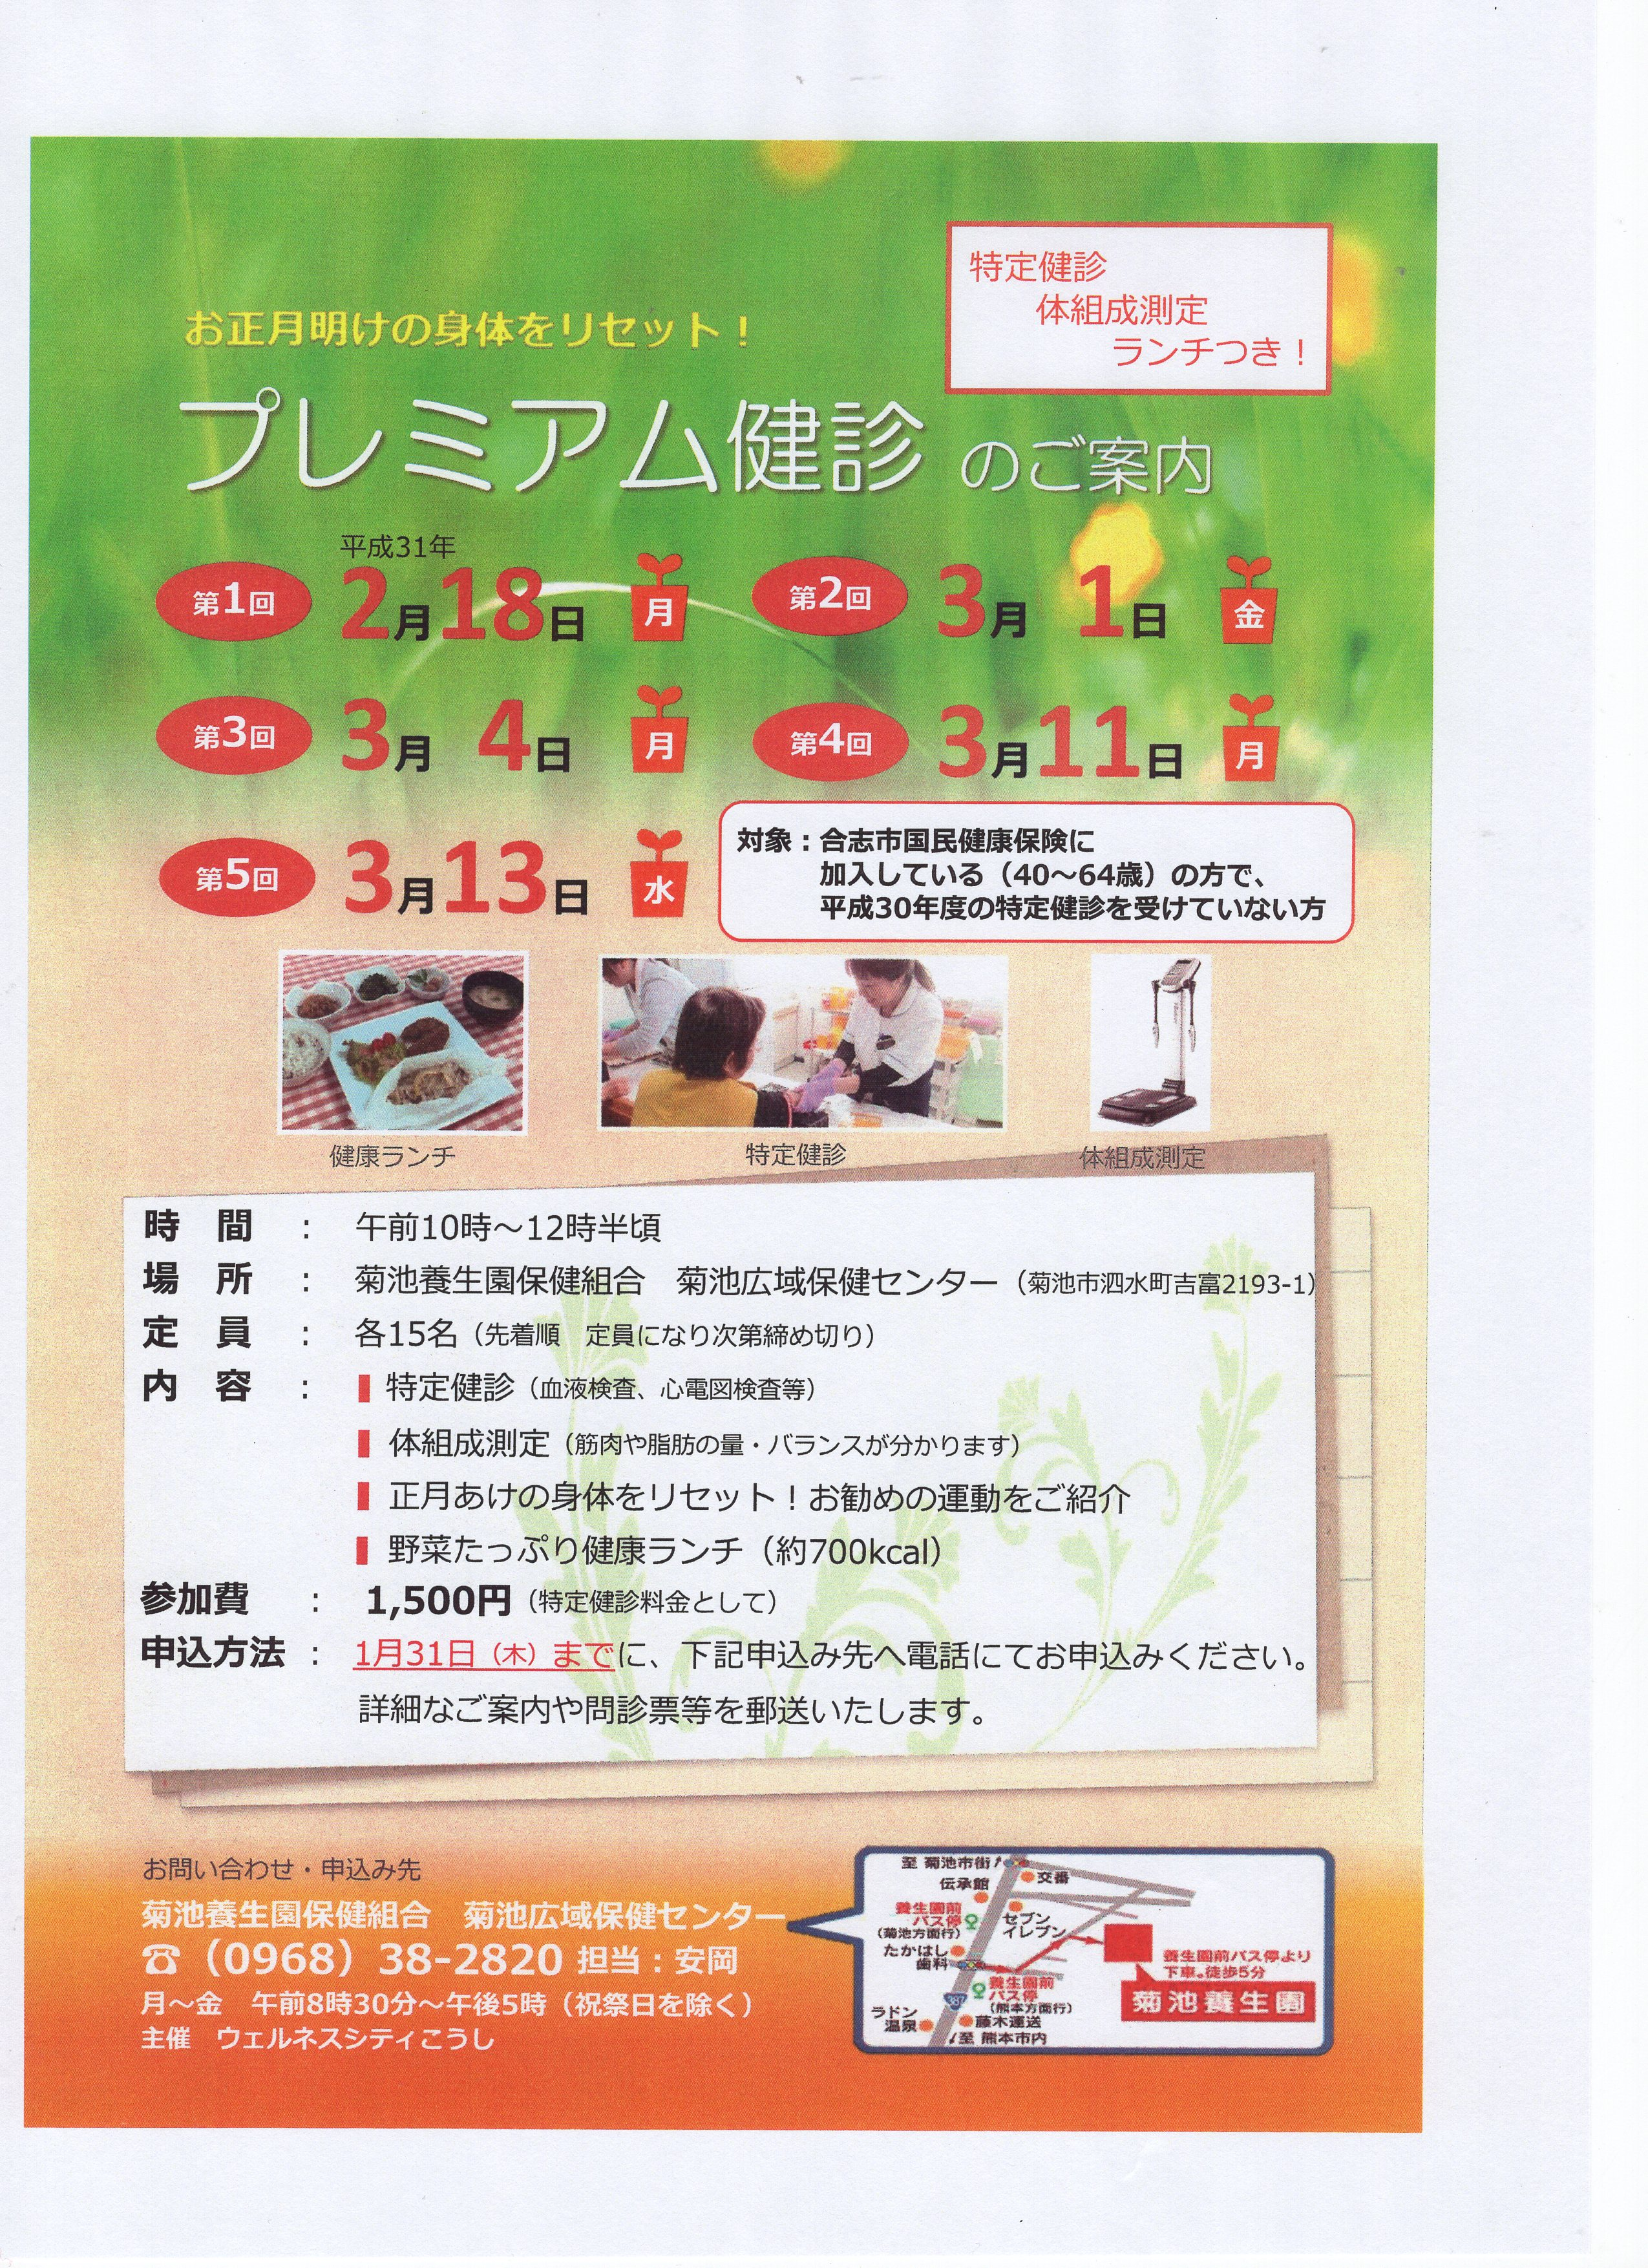 pdf207